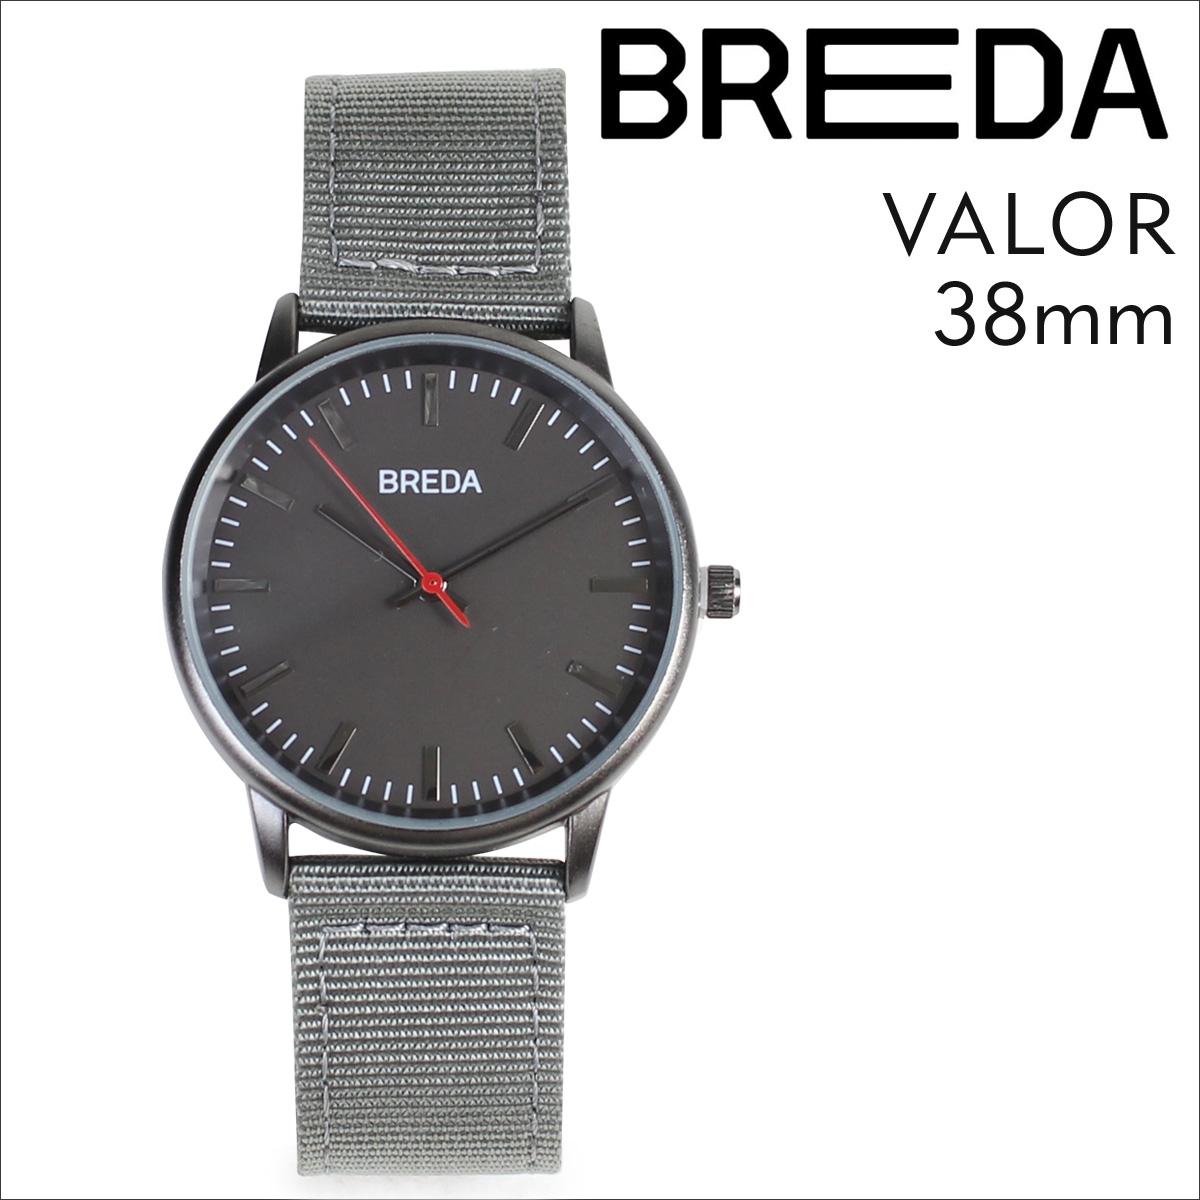 ブレダ BREDA 腕時計 38mm メンズ 時計 バロー VALOR 1707A ガンメタル グレー